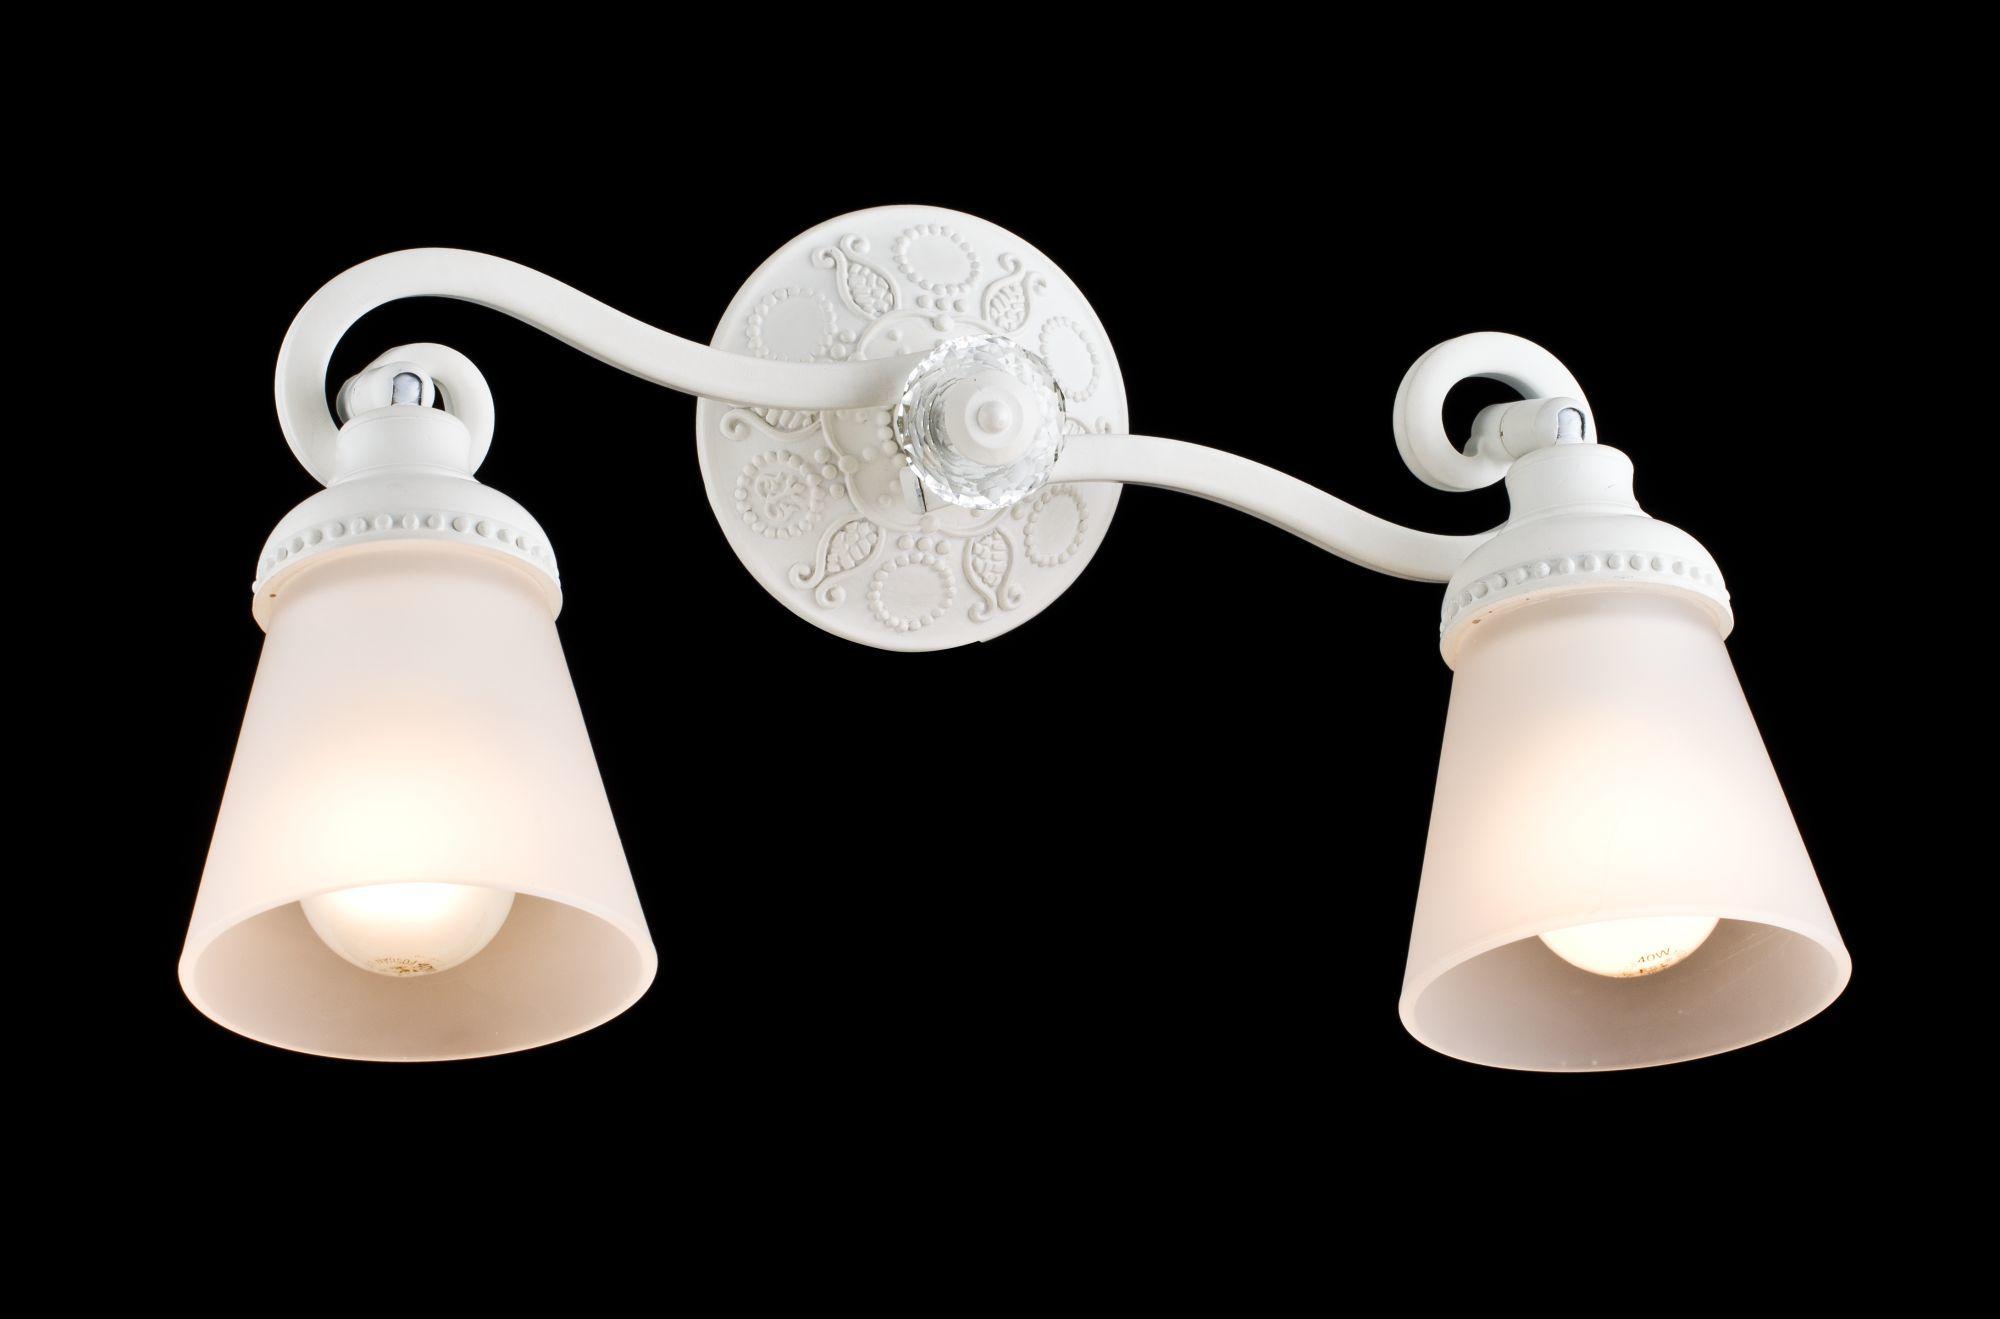 Потолочный светильник с регулировкой направления света Maytoni Mia SP564-CW-02-W (eco564-02-w), 2xE14x40W, белый, металл, стекло - фото 3